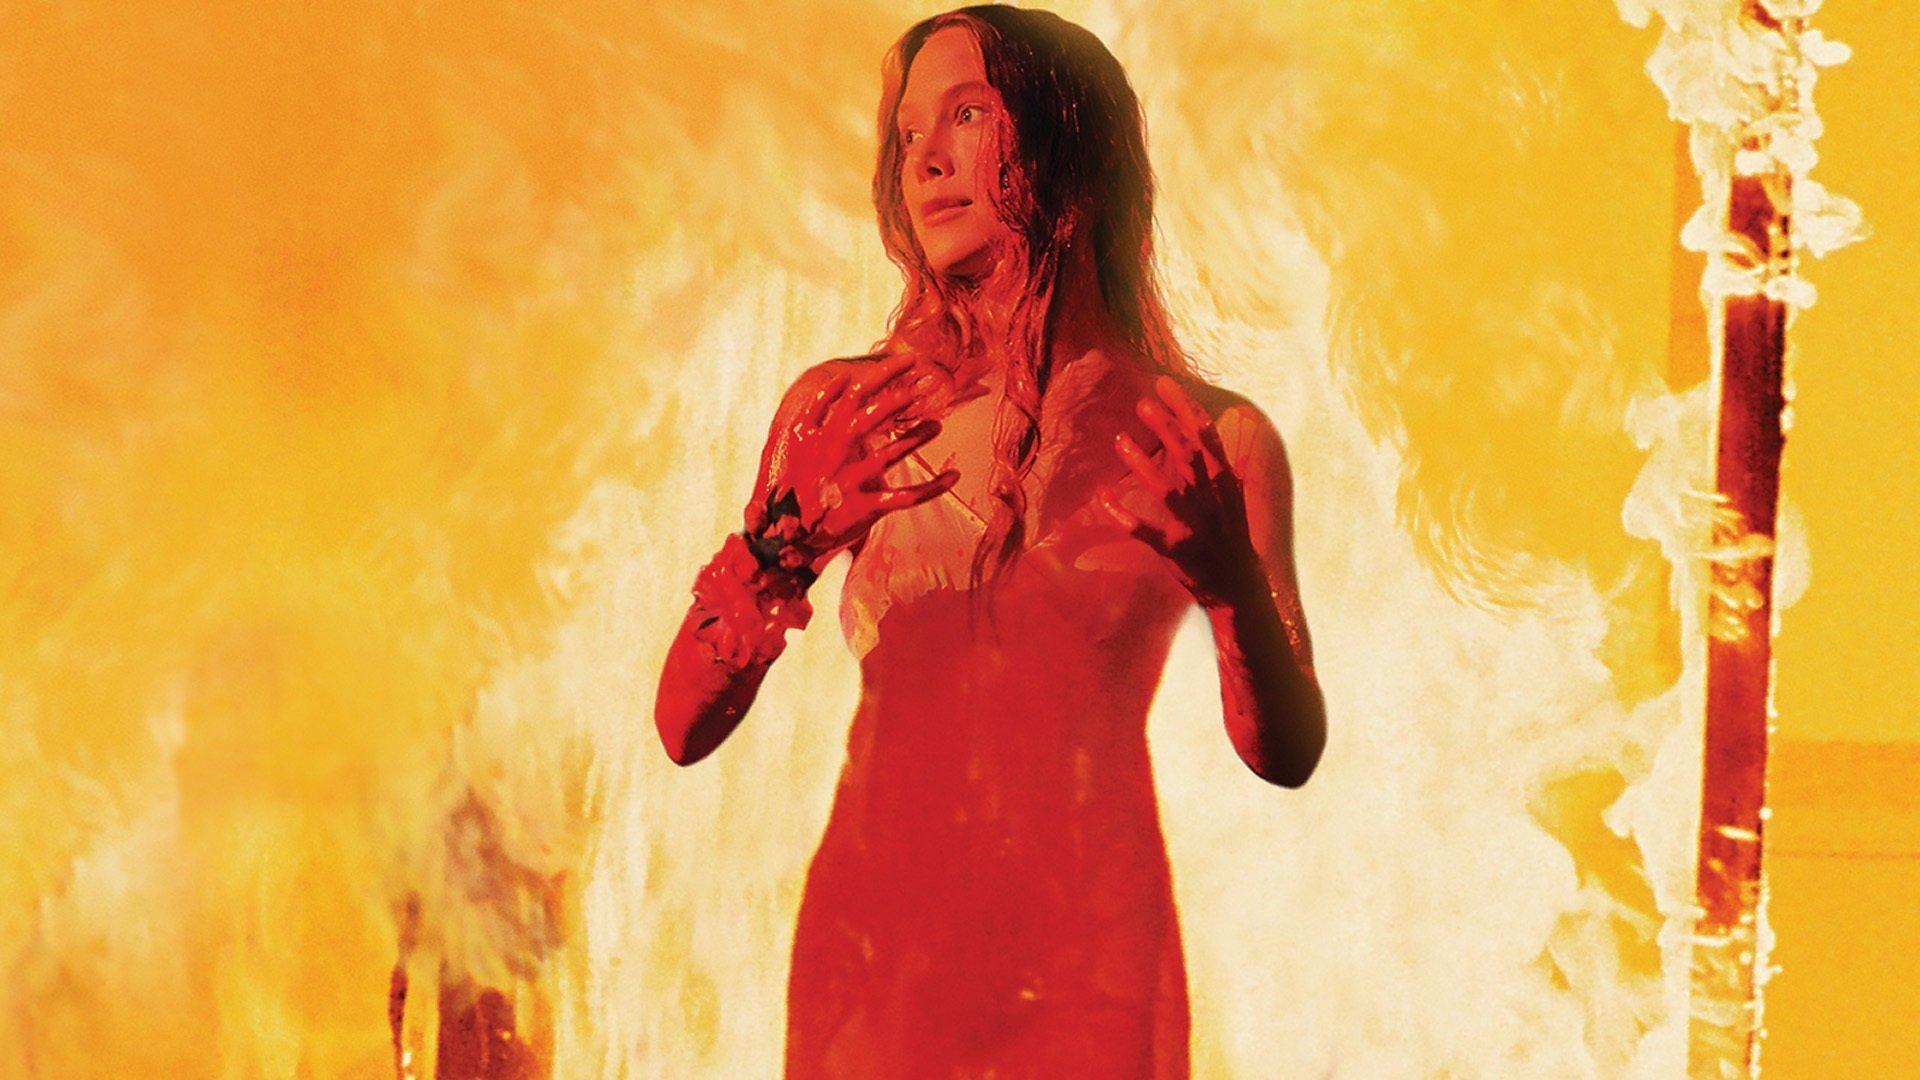 Perché Carrie è ancora oggi l'immagine dell'emarginazione femminile